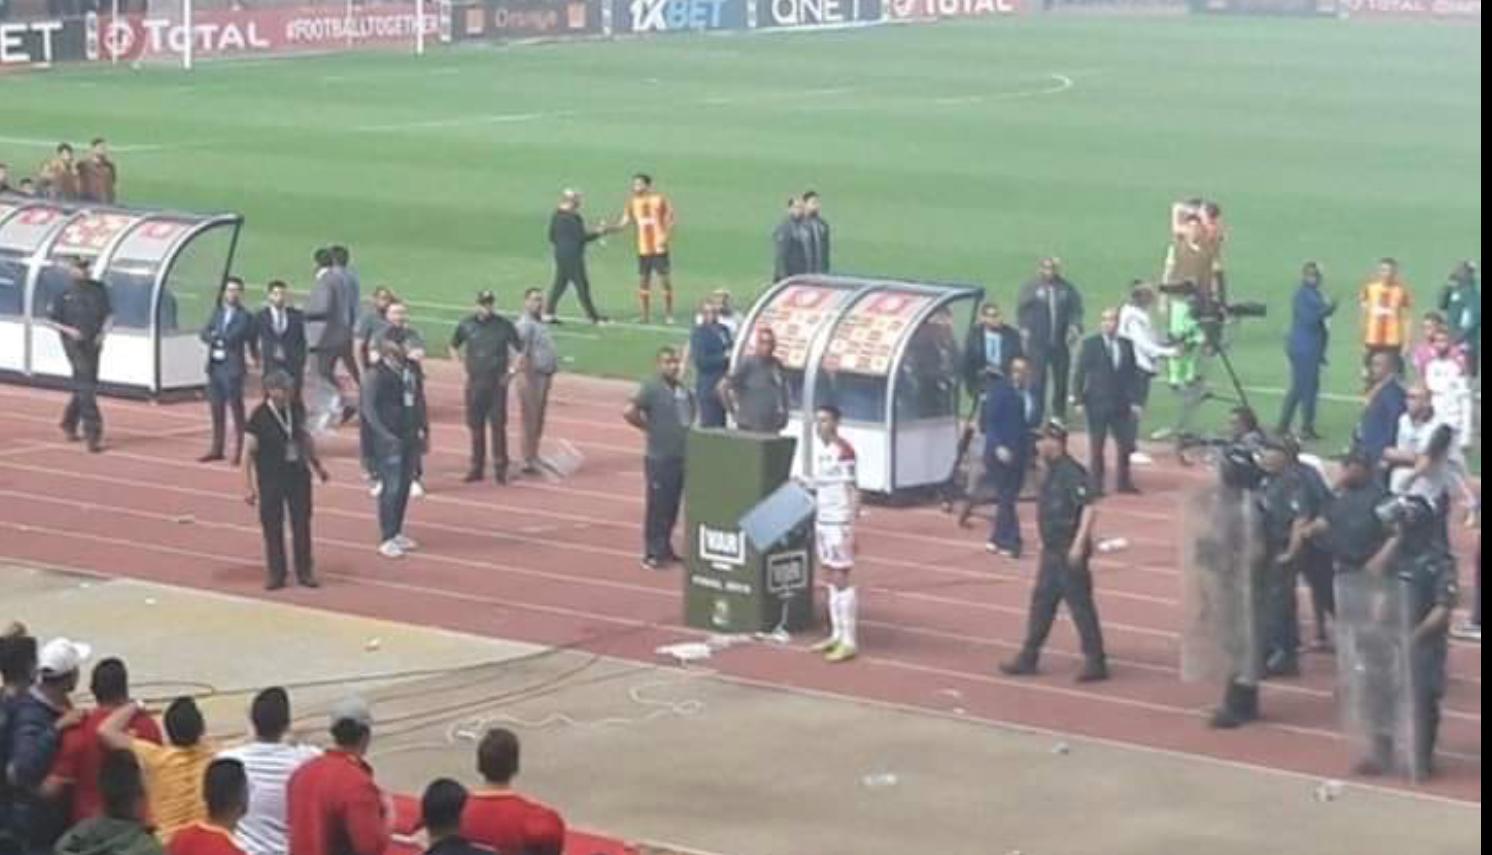 المغرب يُهددُ بالإنسحاب من كأس أمم أفريقيا بمصر وتجميد مشاركة الأندية المغربية في مسابقات الكاف